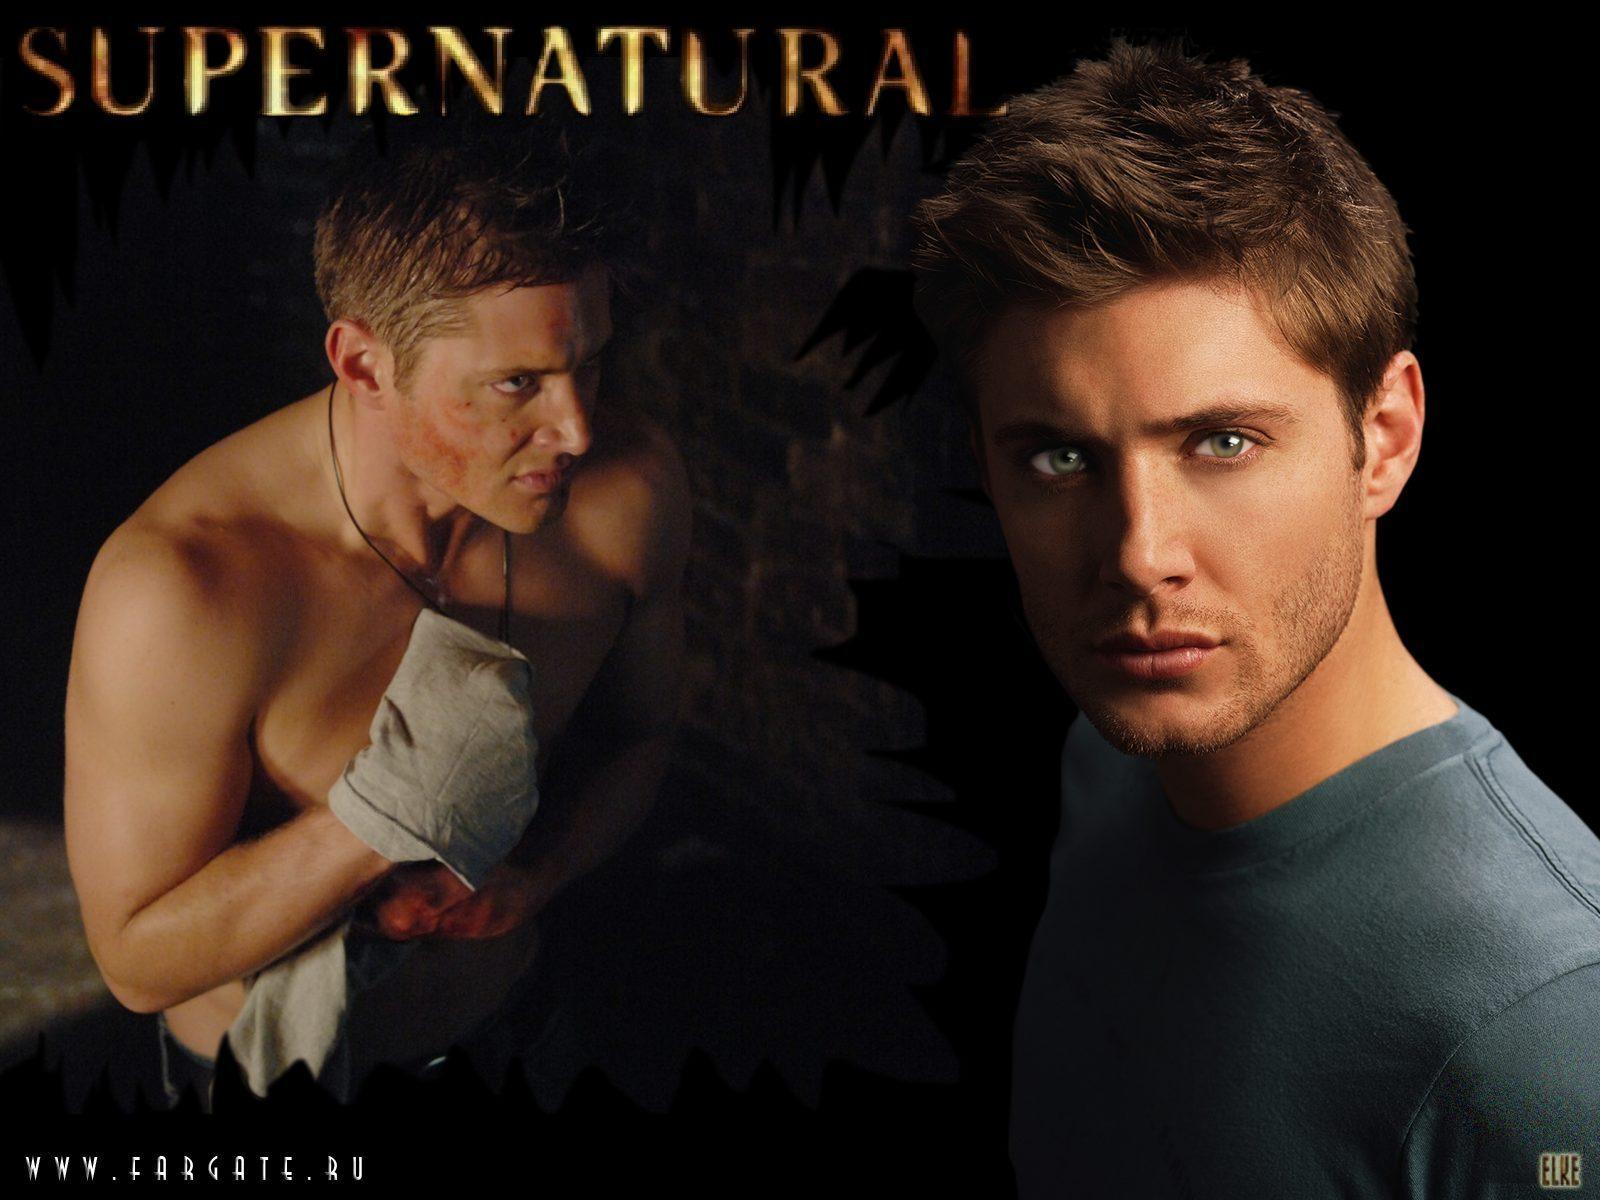 http://1.bp.blogspot.com/-rOLwKSt3d6w/TiiHYR5q8DI/AAAAAAAAAOw/rdKiolNucoM/s1600/Dean-Winchester-supernatural-6375432-1600-1200.jpg